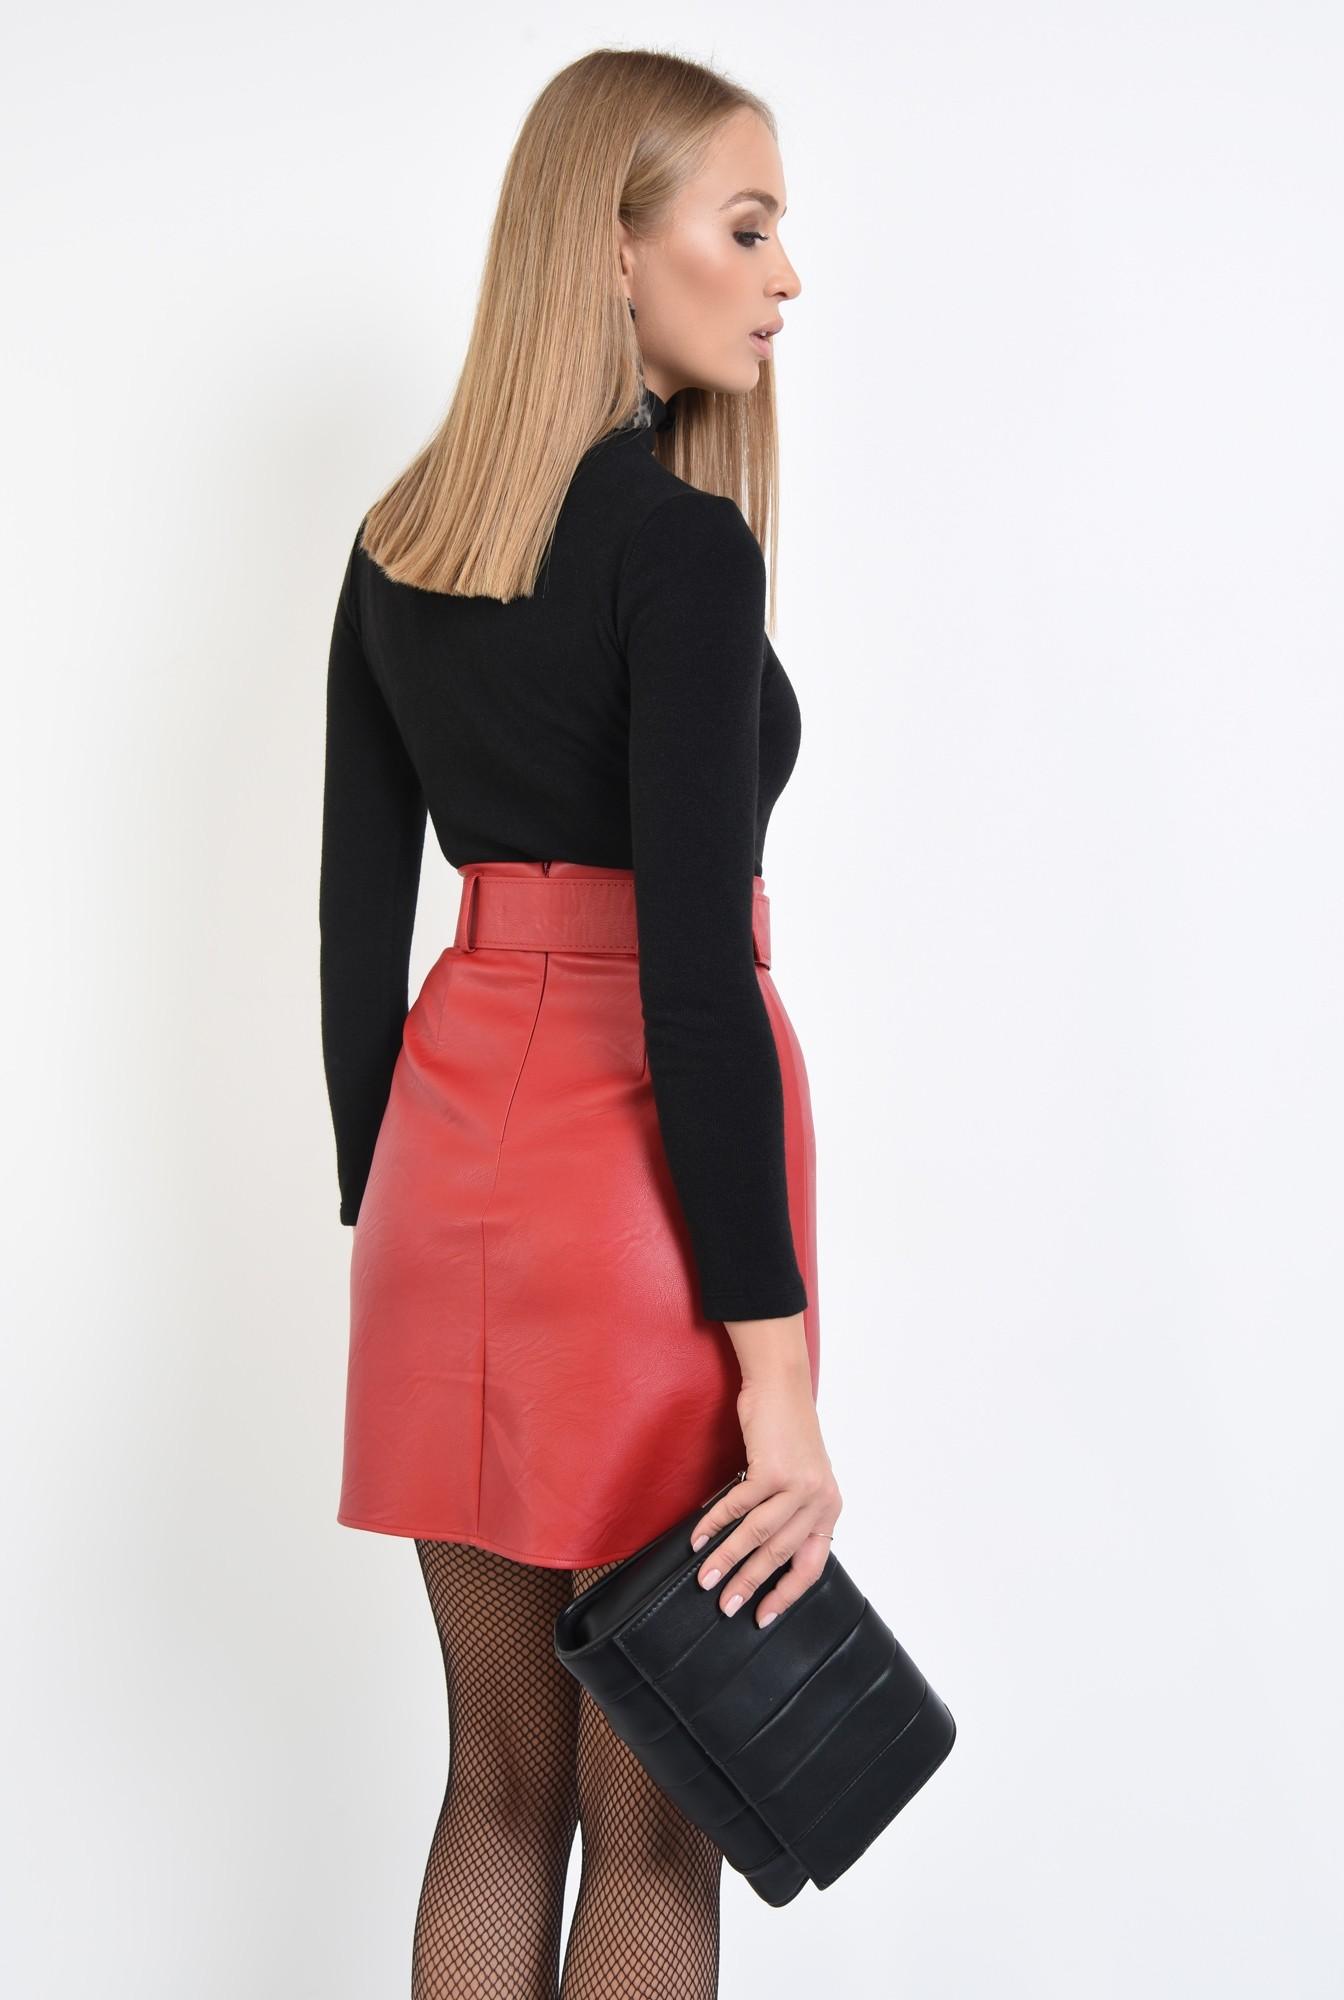 1 - 360 - fusta casual, scurta, rosie, cu centura, piele ecologica